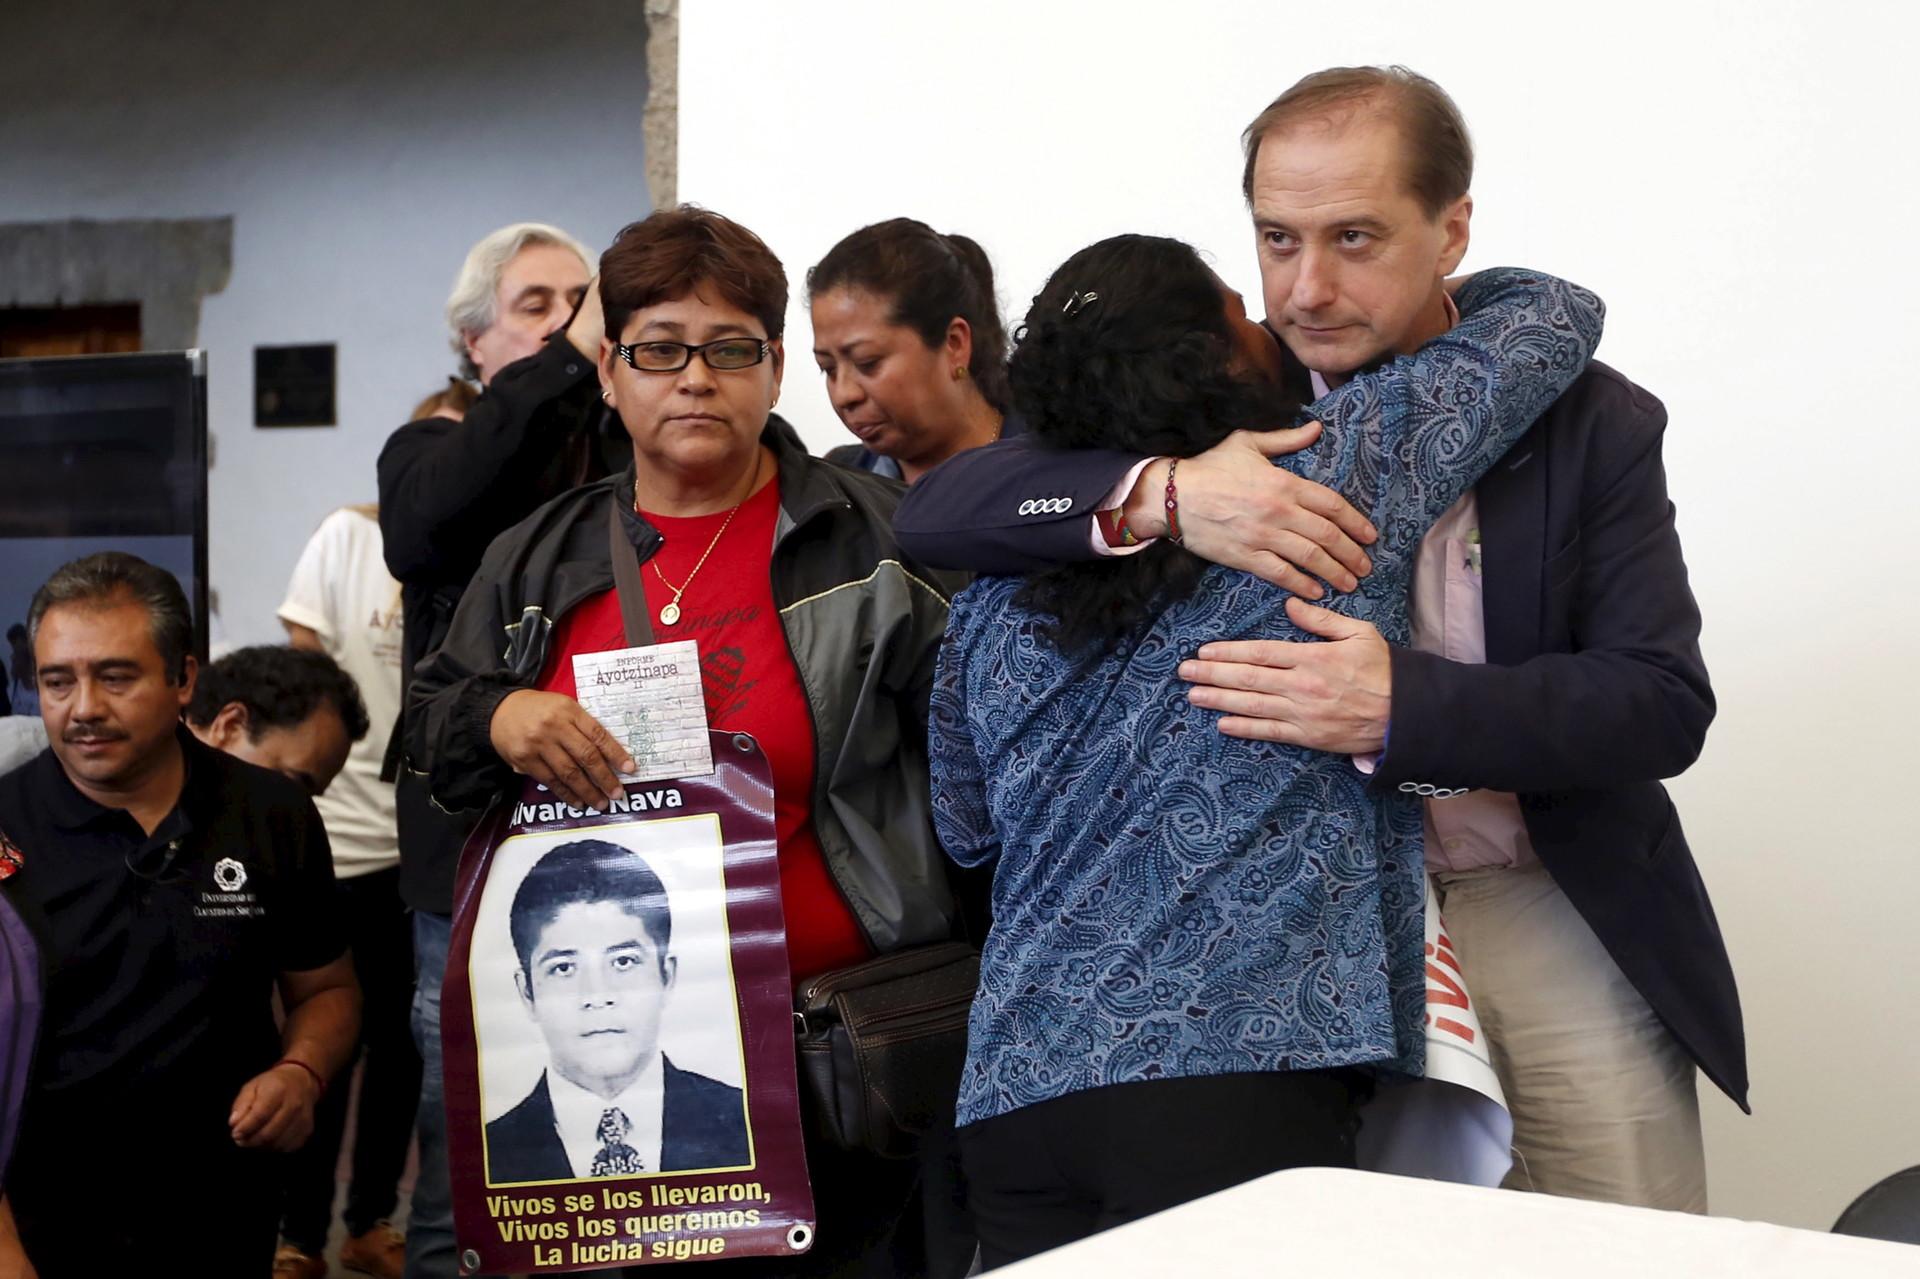 Carlos Beristain, de la Comisión Interamericana de Derechos Humanos, con familiares de los estudiantes desaparecidos en Iguala. Ciudad de México, 24 de abril de 2016.